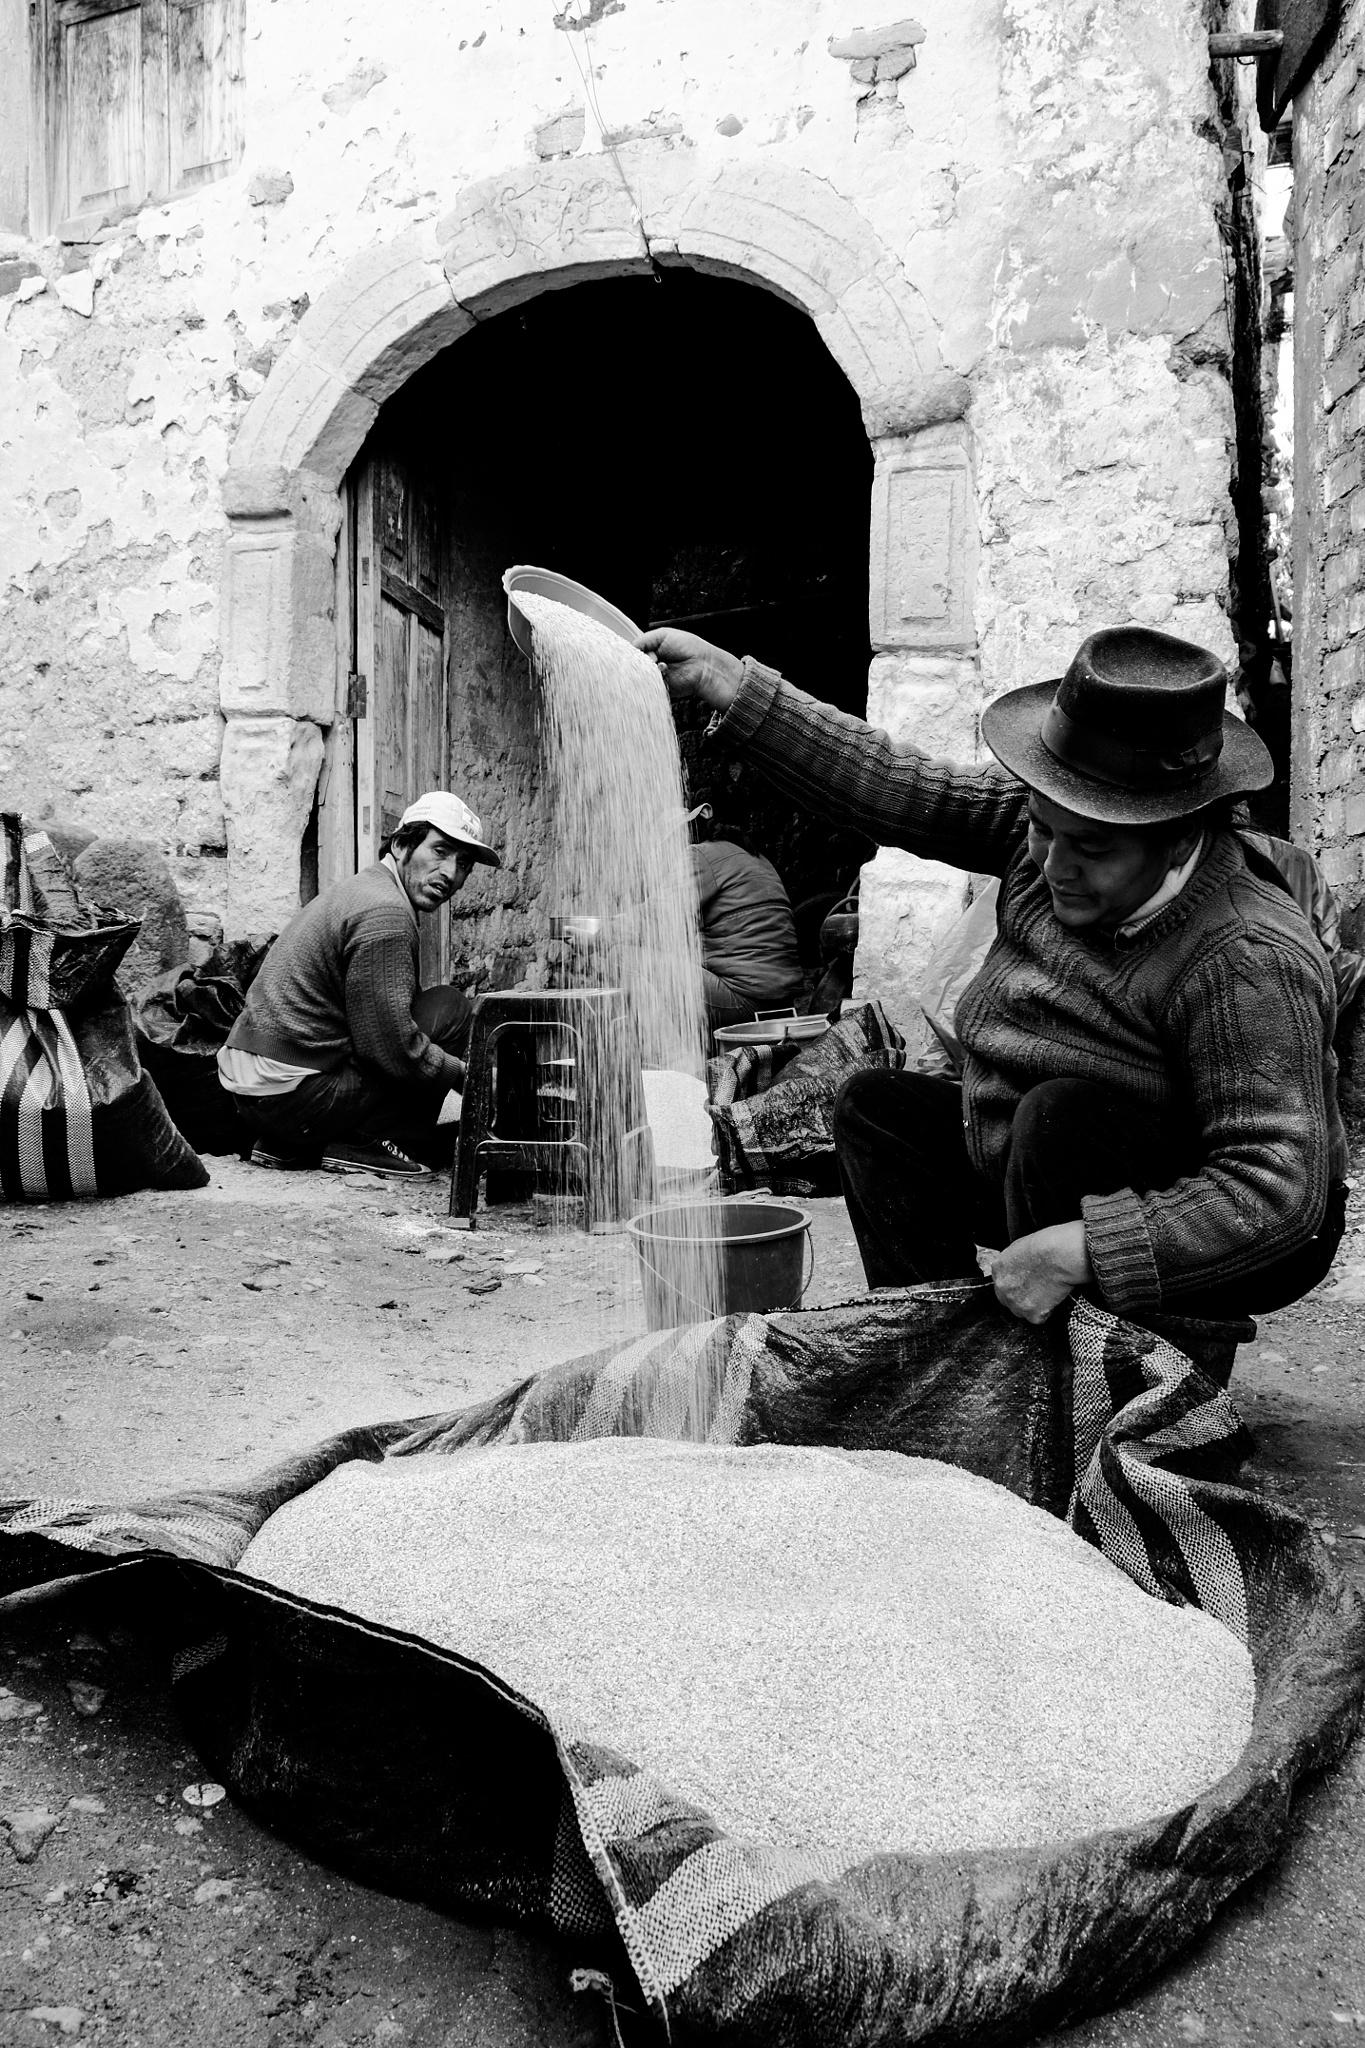 AGRICULTORES DE QUINUA by Gerardo leon